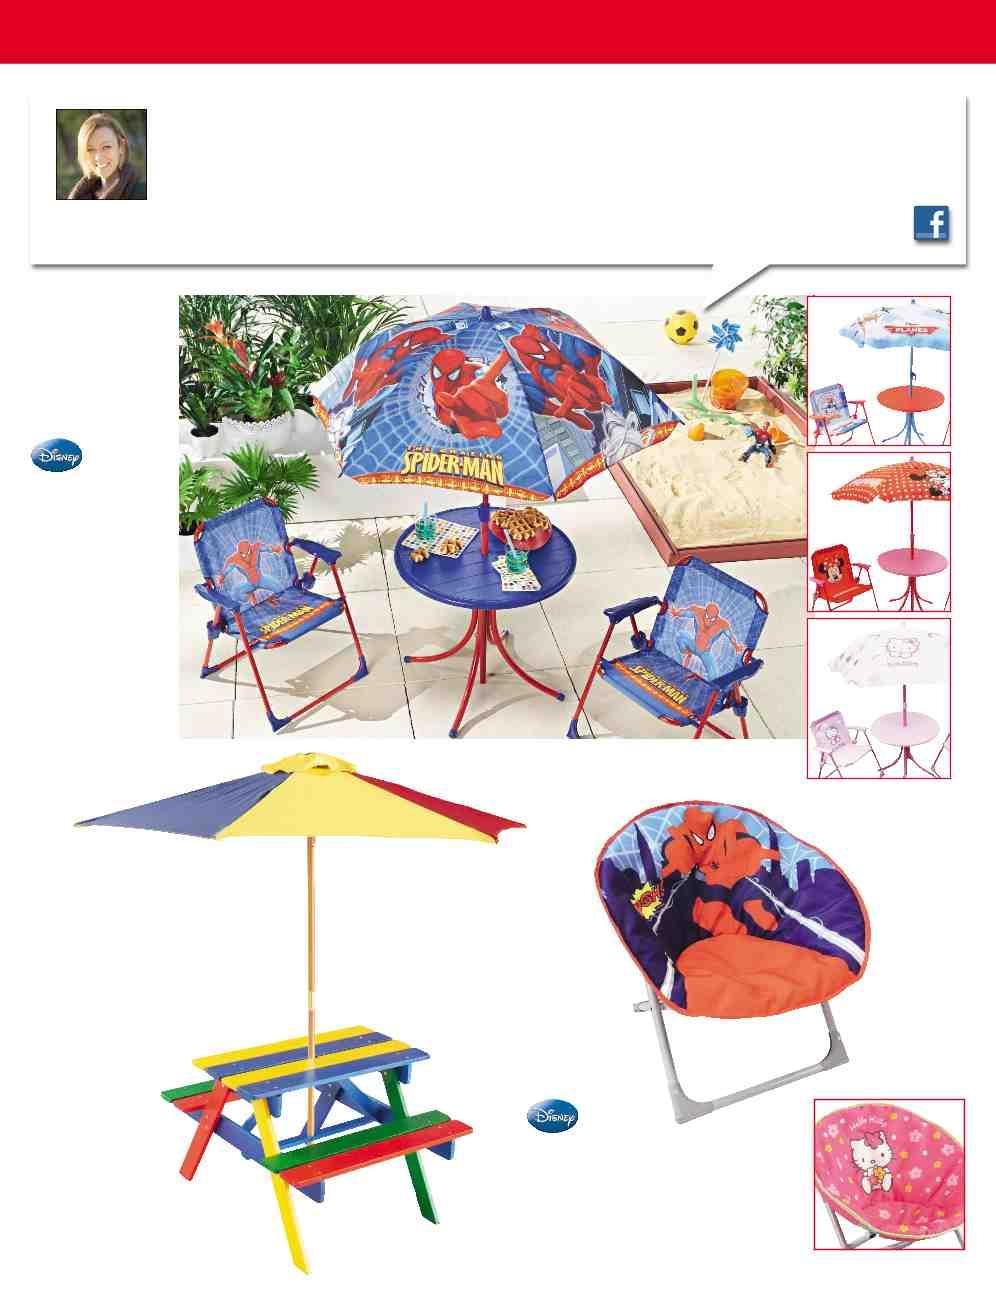 Mars 13 Hdqtrs Meubles Barbecue Catalogue Intermarche ... pour Table De Jardin Intermarché